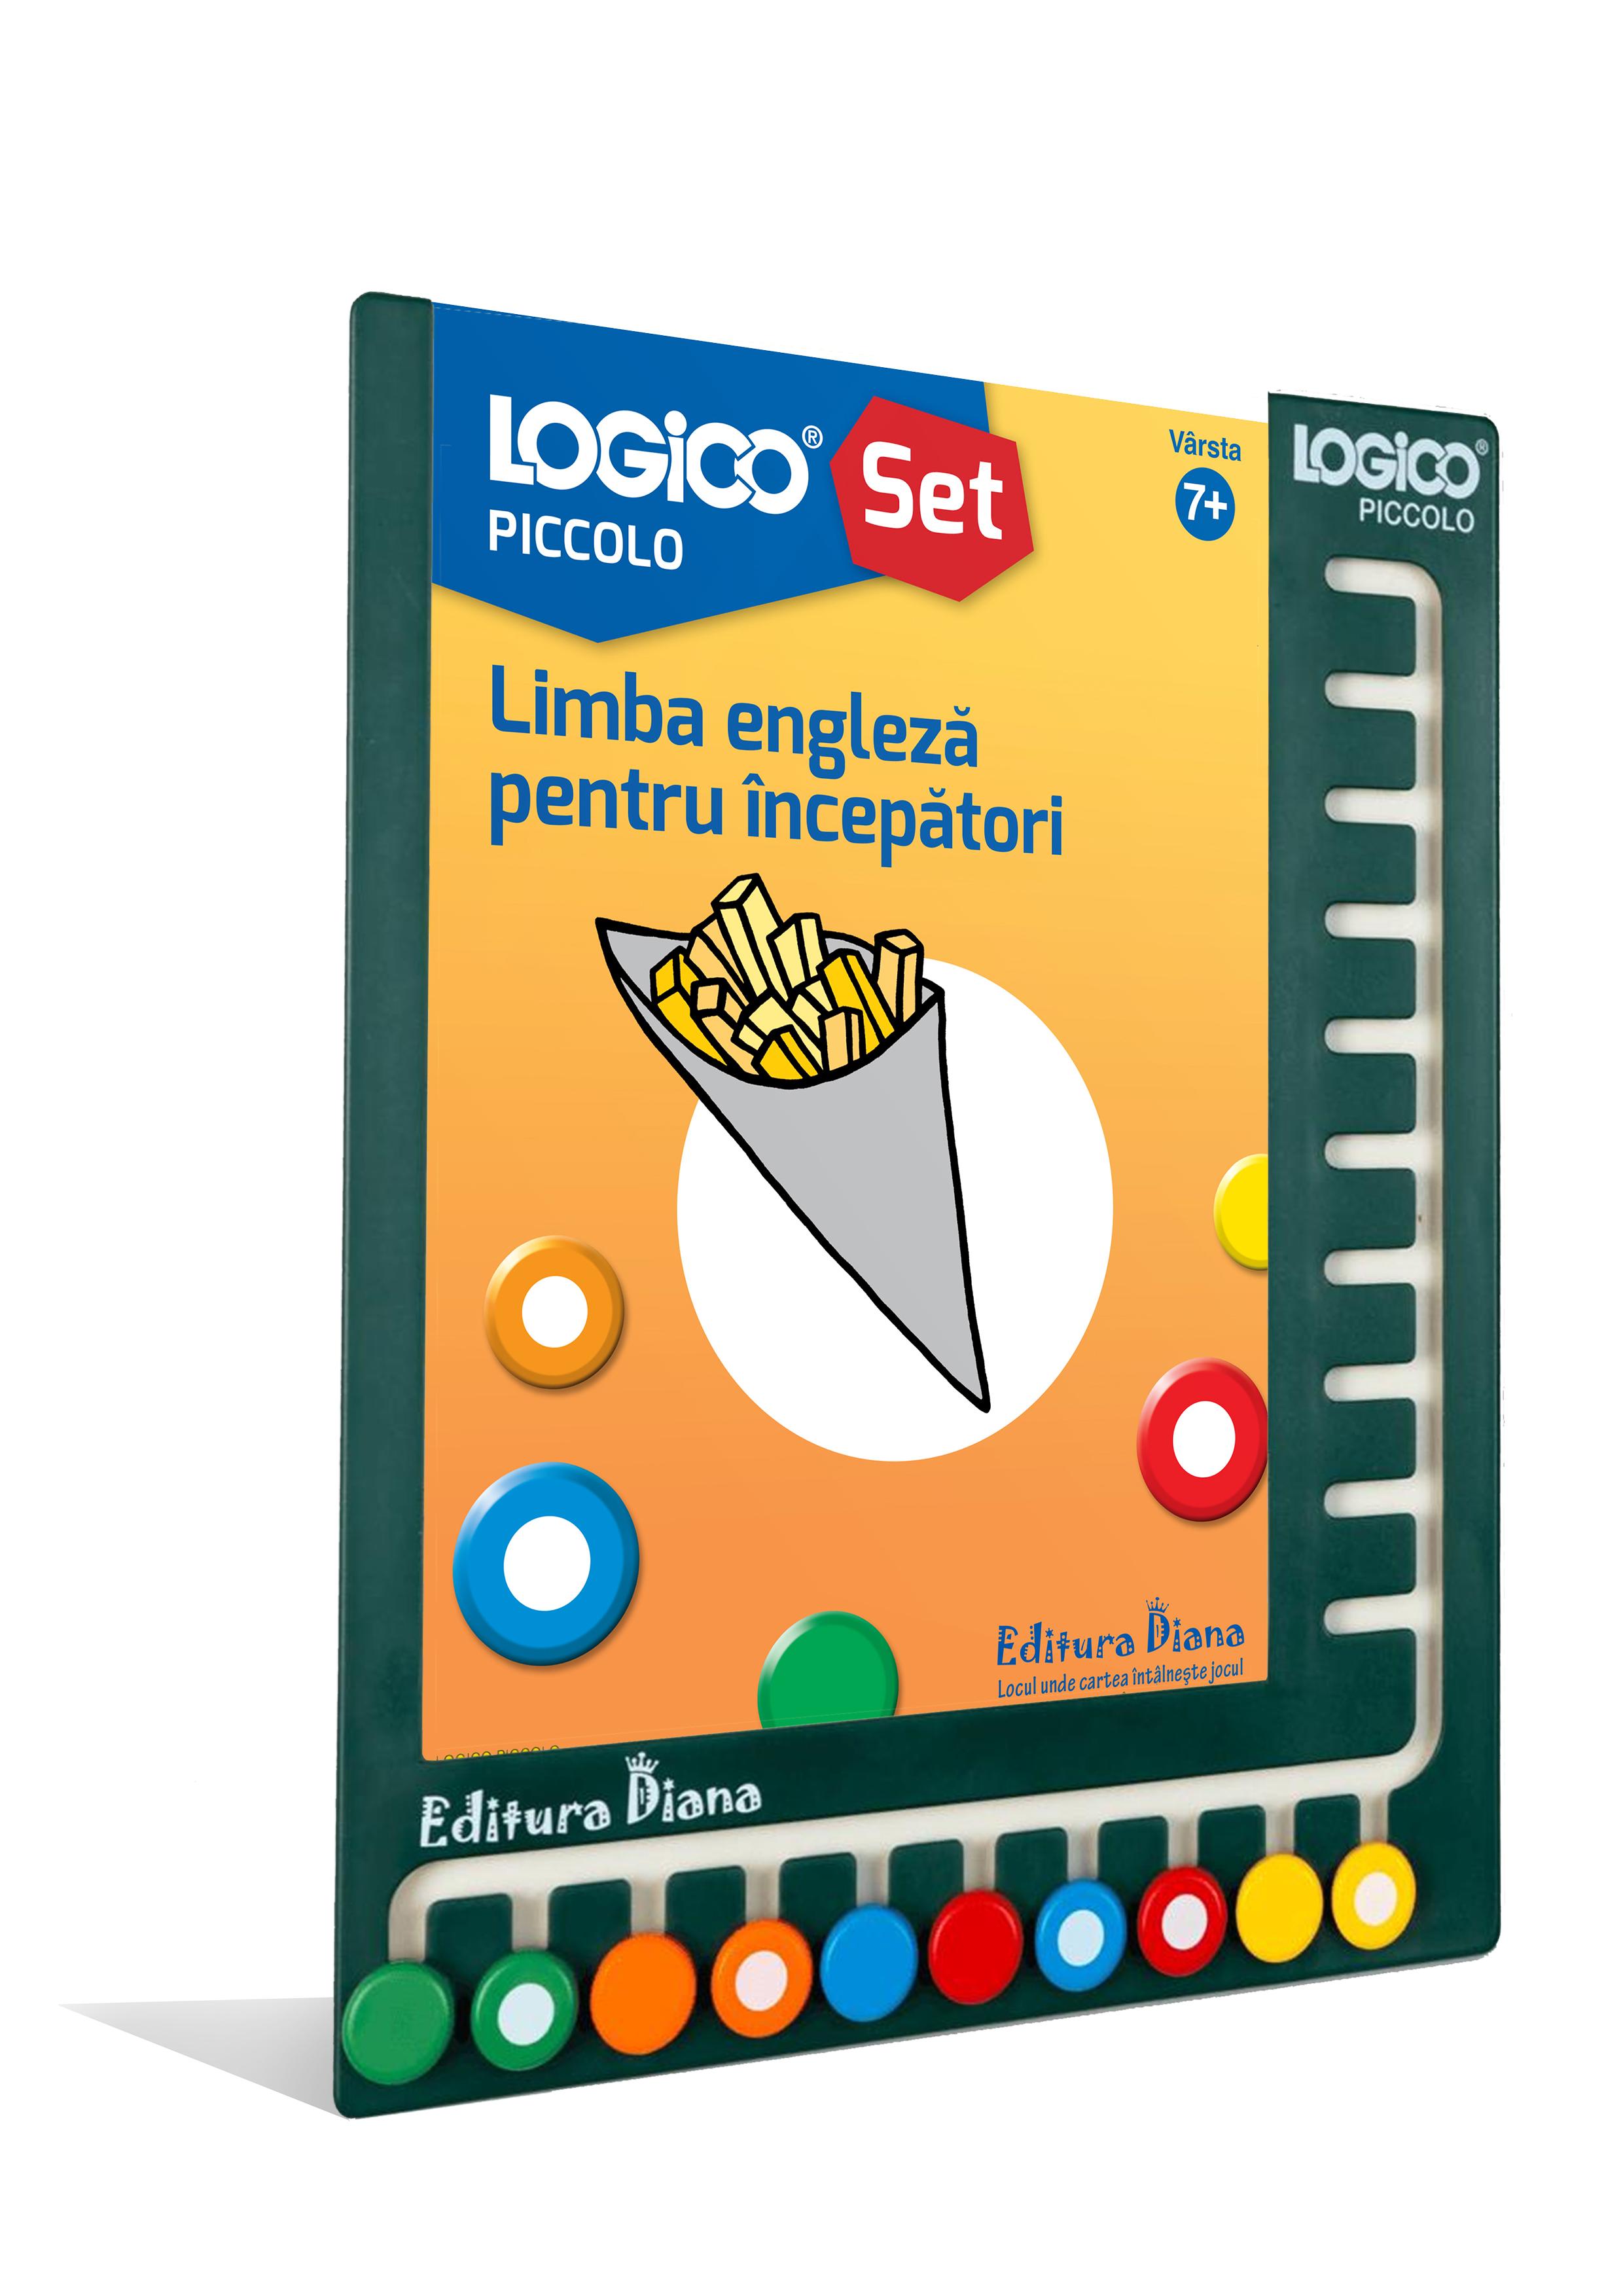 LOGICO PICCOLO - SET CU RAMĂ - Limba engleză pentru începători (7+) imagine edituradiana.ro